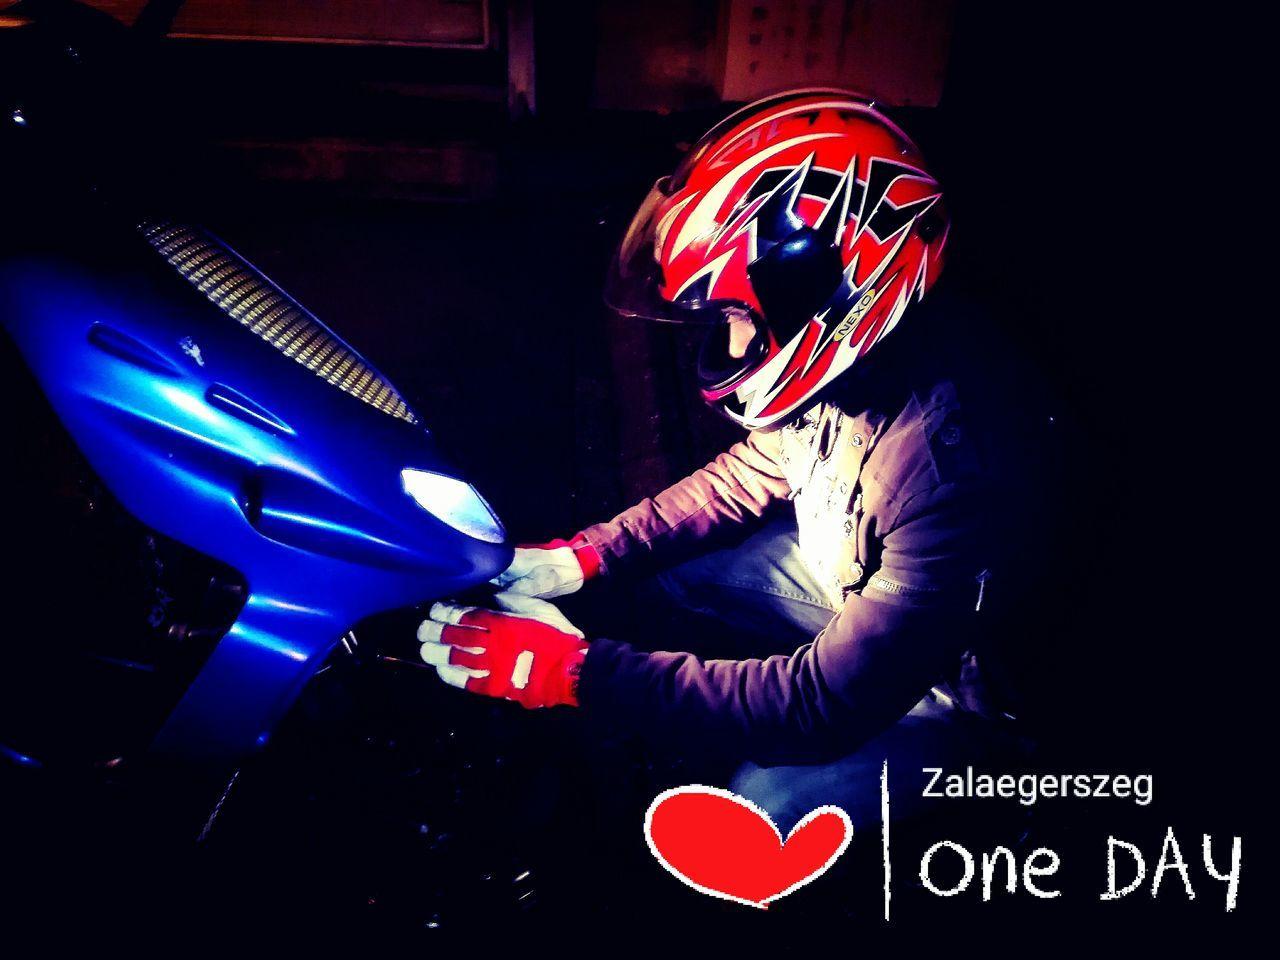 Malaguti Love Zala Zalaegerszeg Motorbike Motorcycles Scooter Night Blue Red White